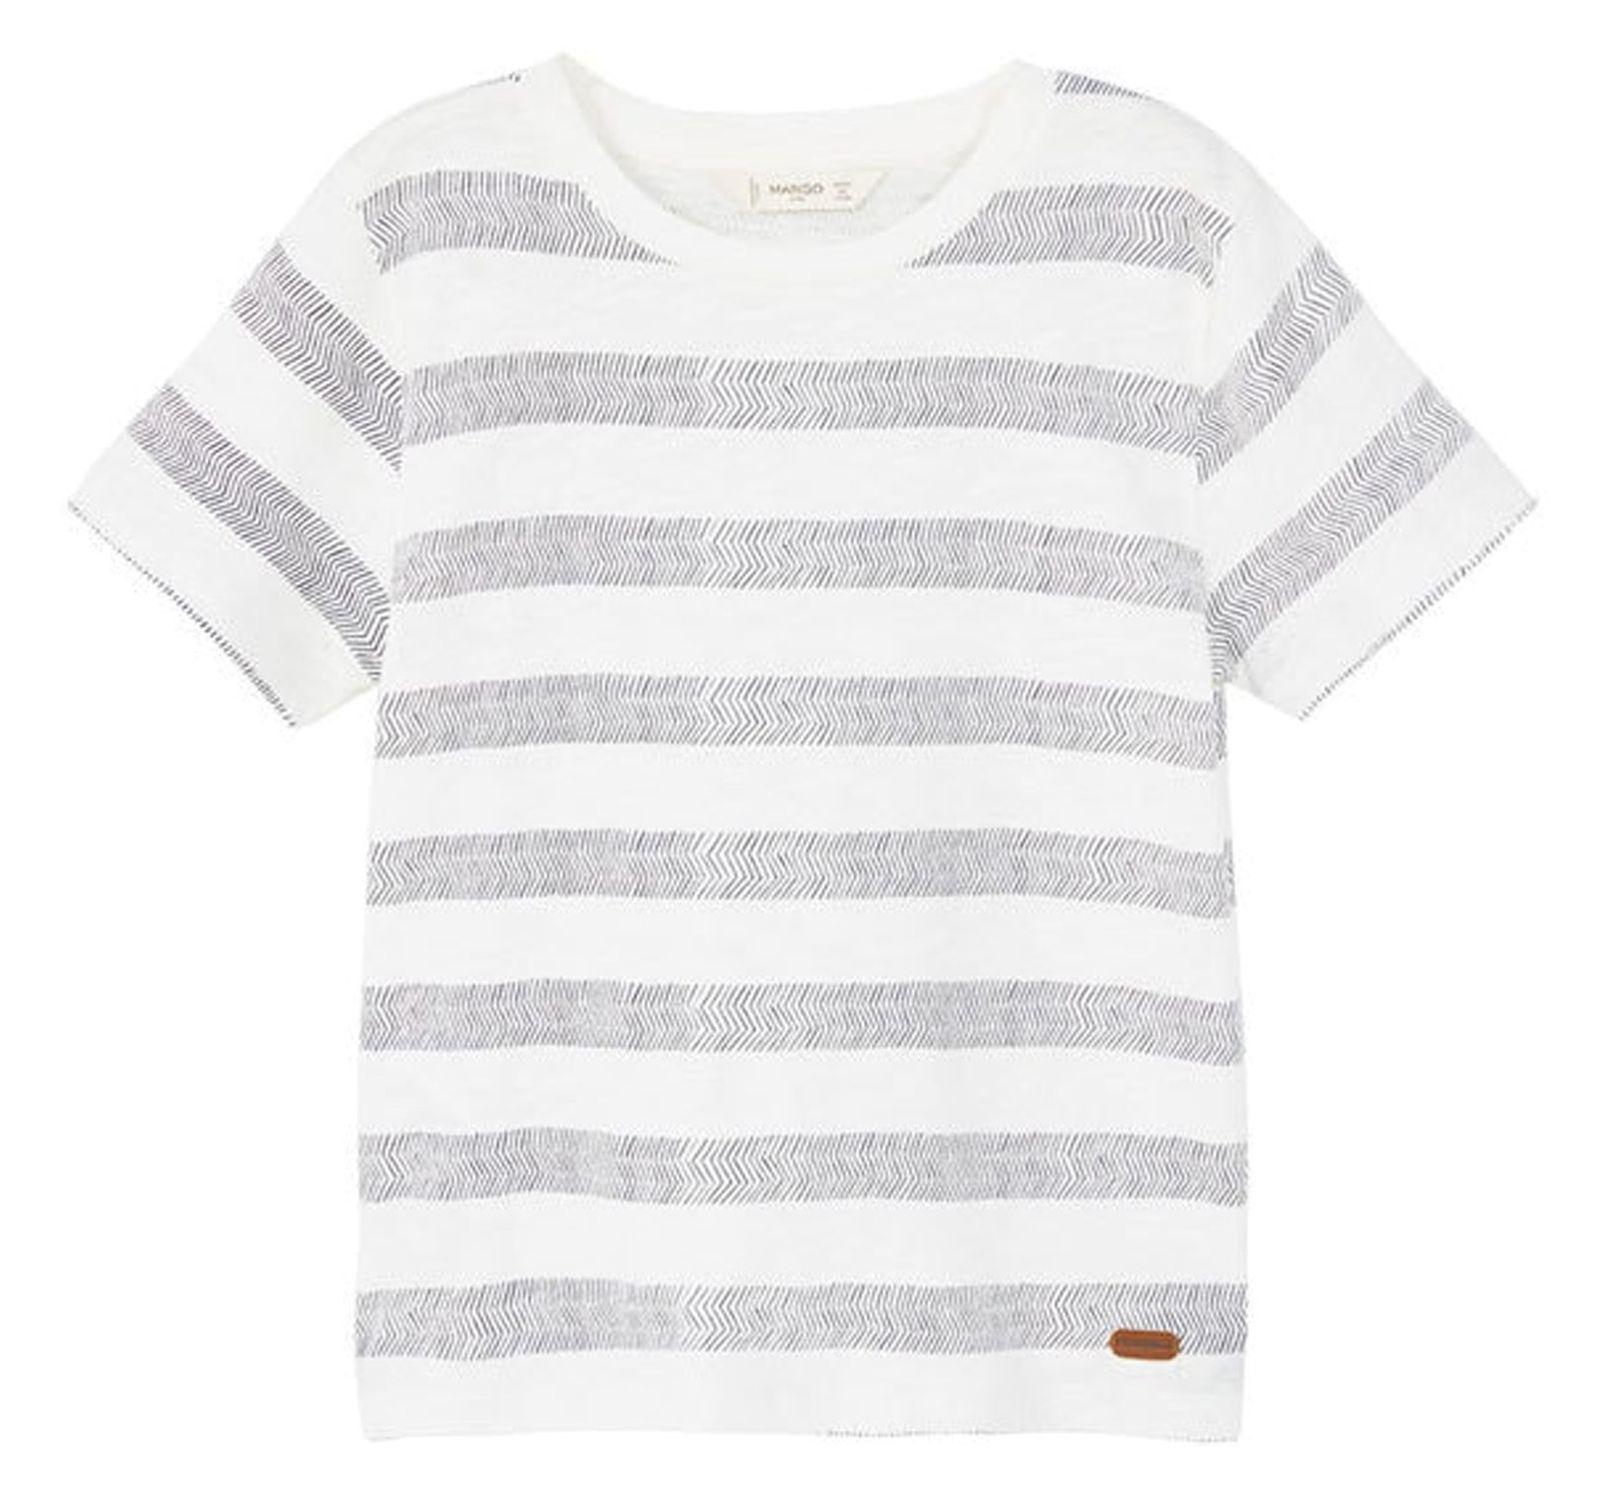 تی شرت نخی آستین کوتاه پسرانه - مانگو - سفيد و طوسي - 1